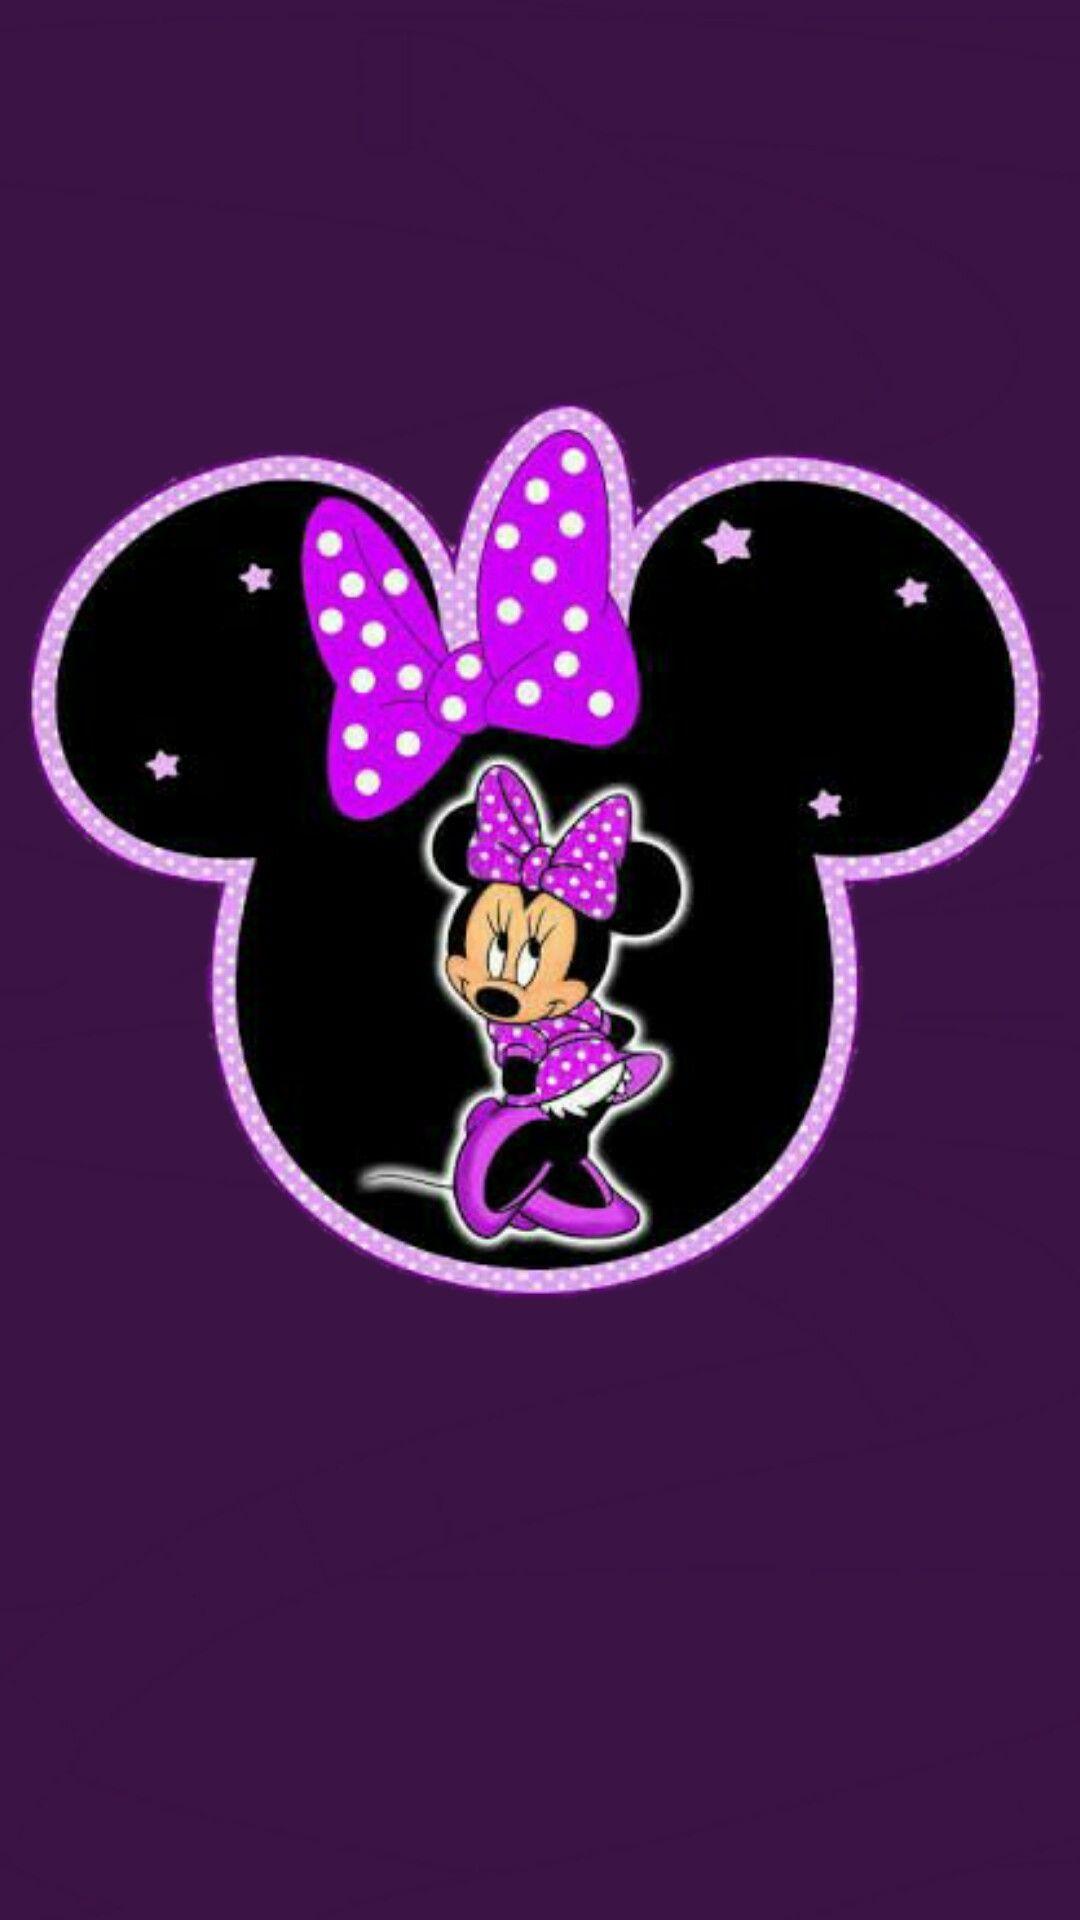 Lindo !!! - Disney   Pinterest - Disney-Figuren, Disney en Amerika